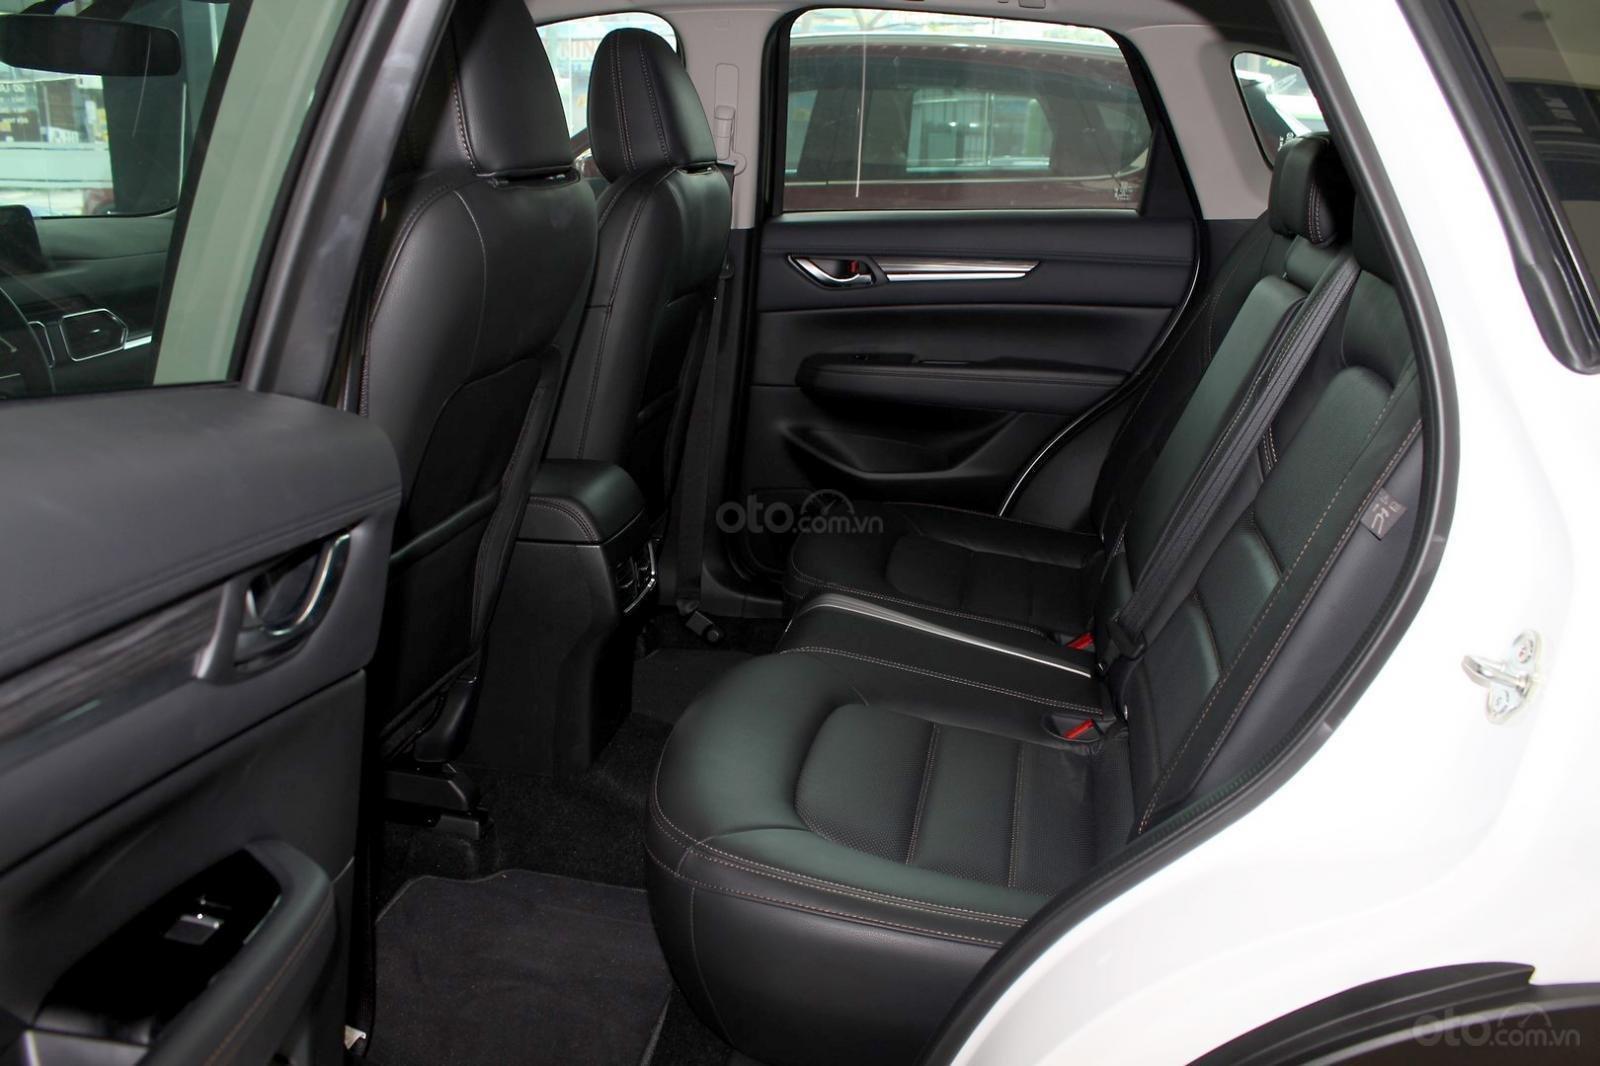 Bán Mazda CX5 đẳng cấp thời thượng, là sự lựa chọn thông minh và giá hợp lý (15)